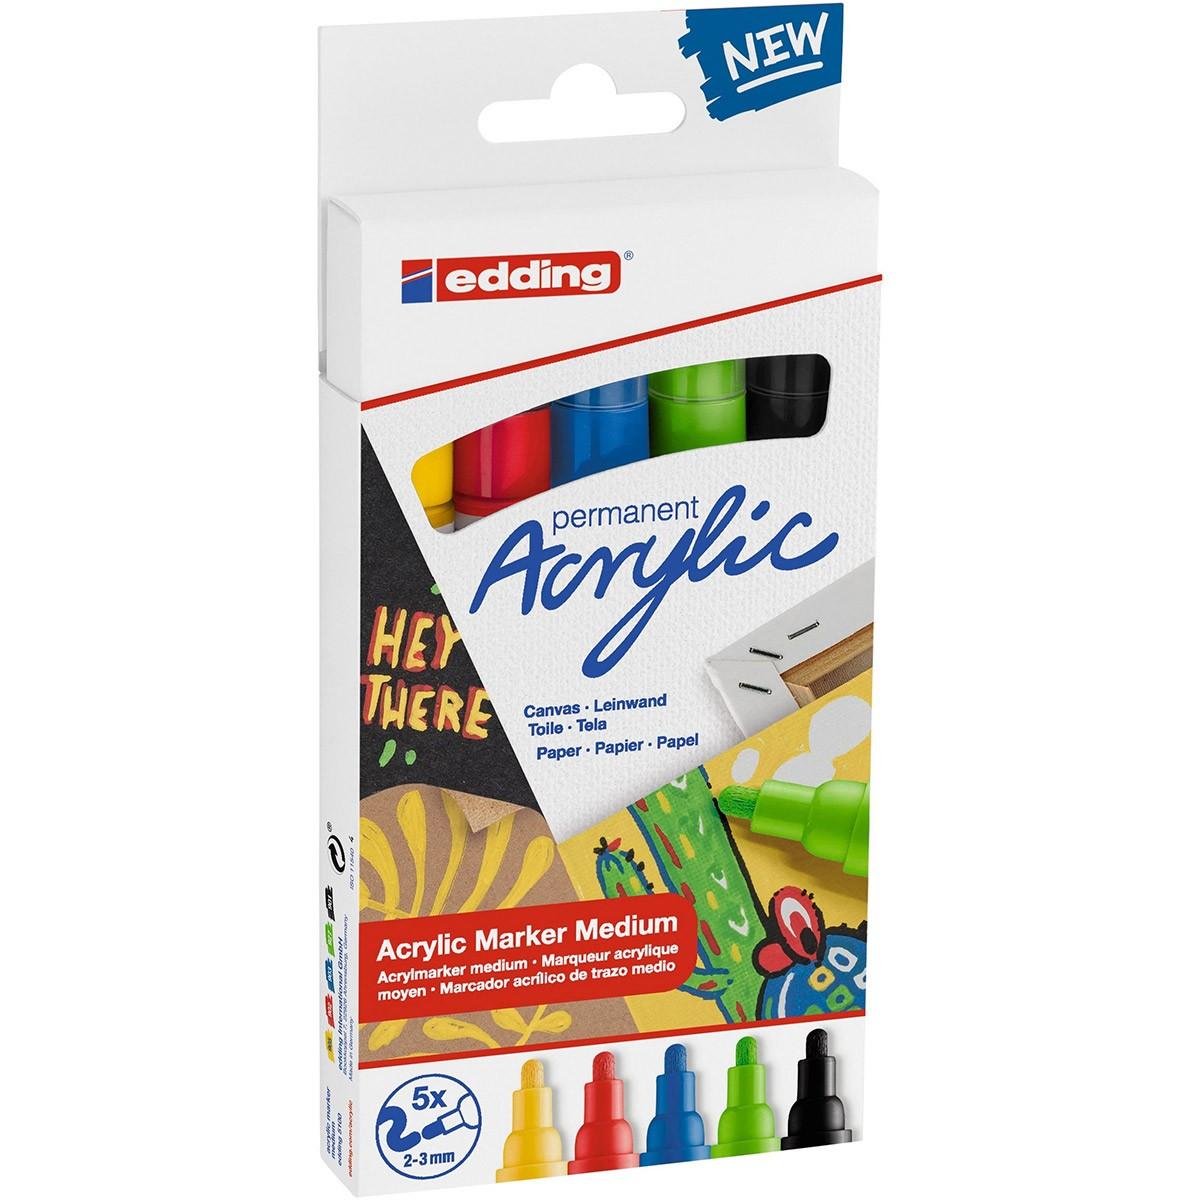 Купить Набор маркеров акриловых Edding 5 шт, 2-3 мм ассорти цвет: 905, 902, 903, 927, 901, Германия